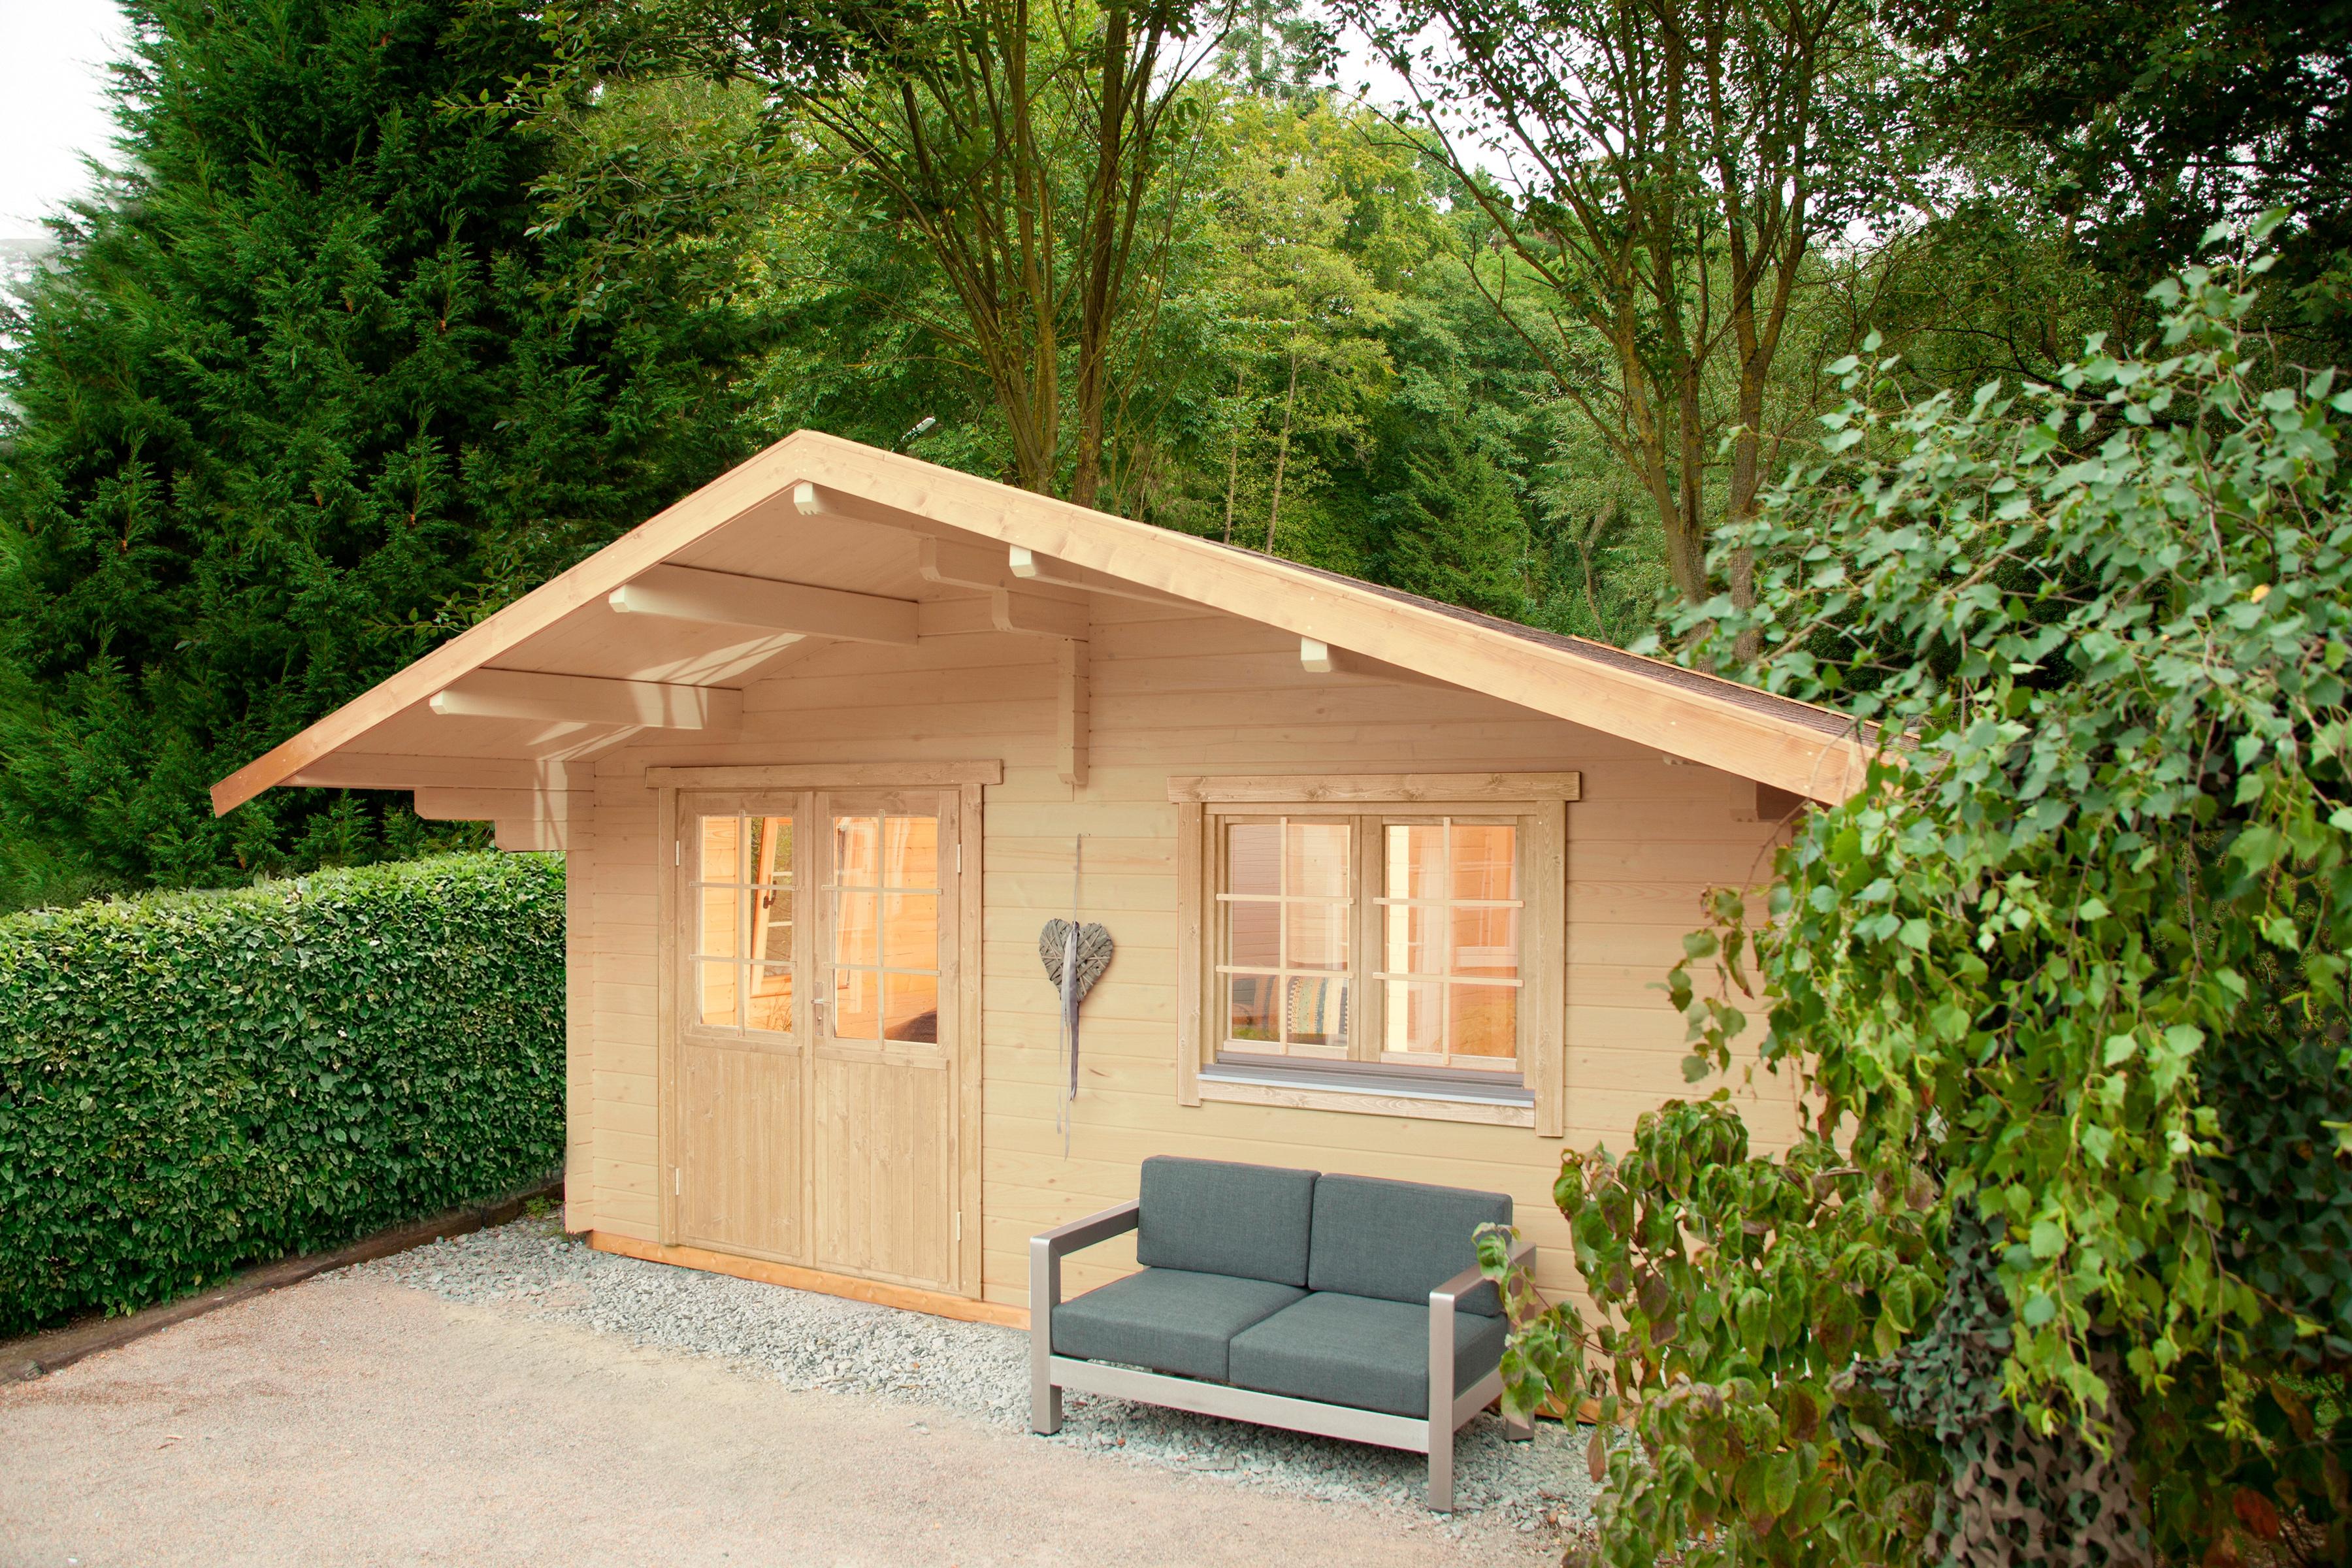 WOLFF FINNHAUS Gartenhaus »Lappland 70-A XL«, BxT: 550x640 cm, inkl. Fußboden | Garten > Bodenbeläge-Garten | Fichte - Hölzer | WOLFF FINNHAUS